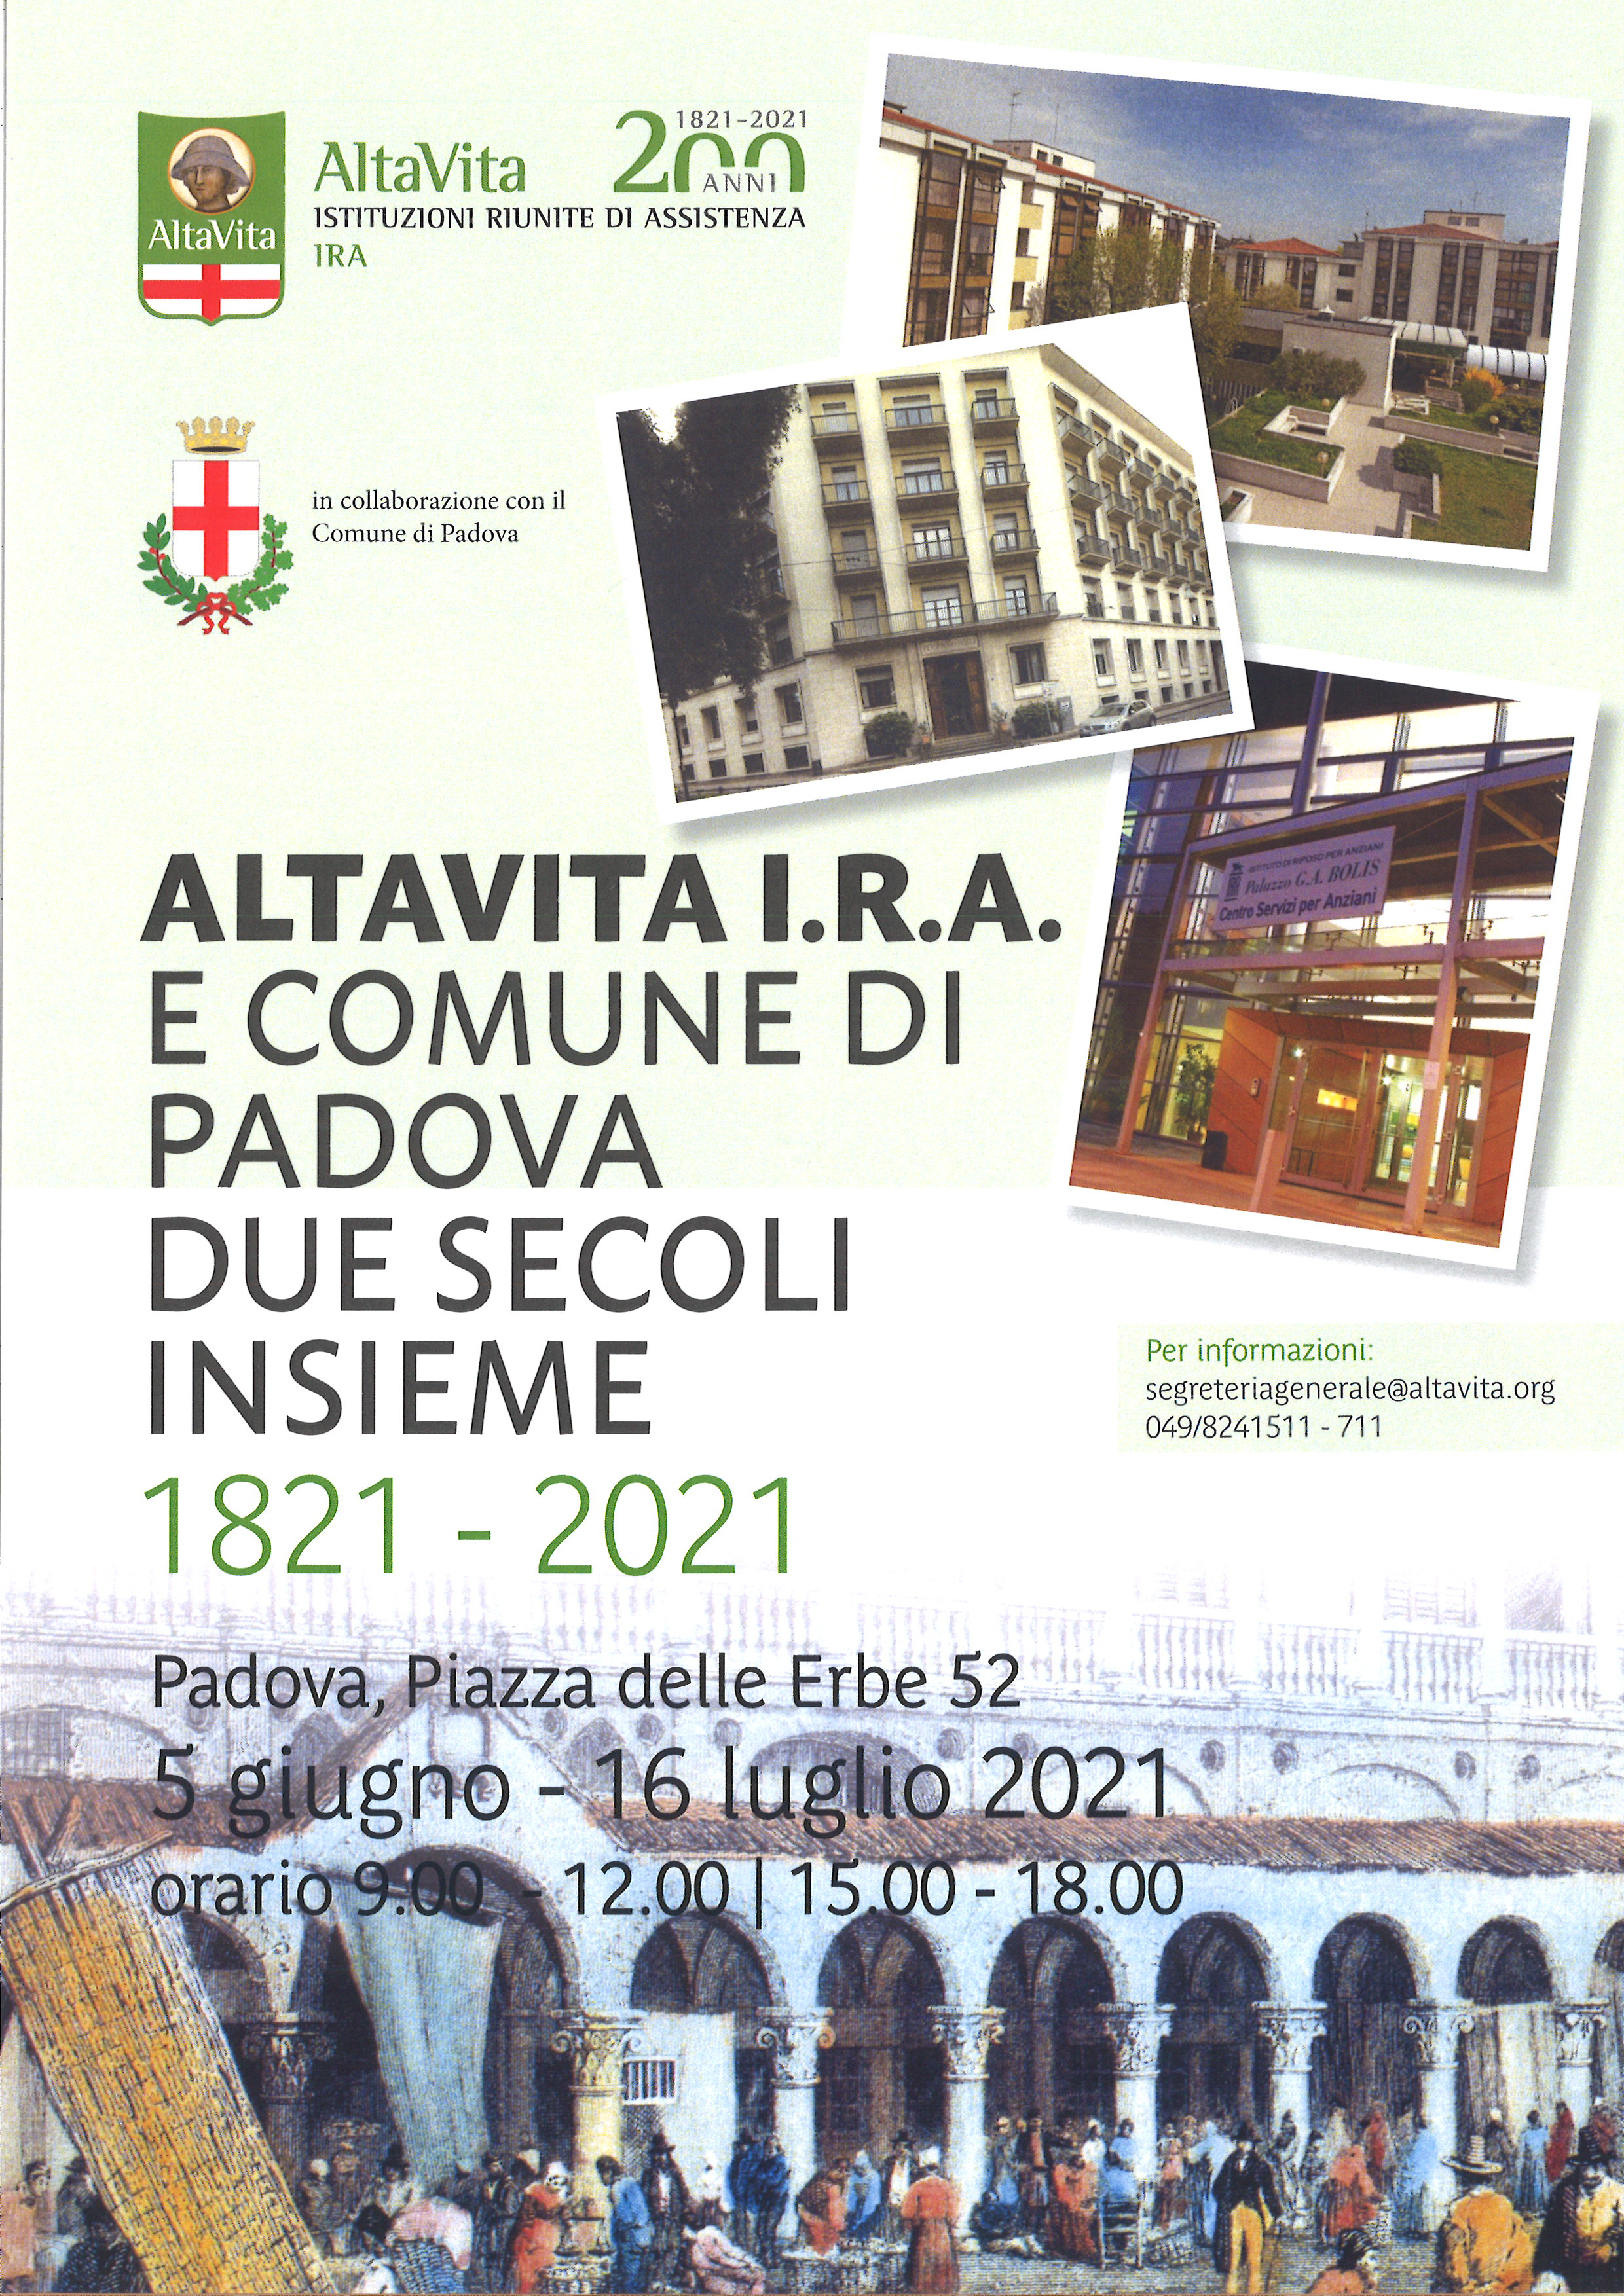 AltaVita-IRA e Comune di Padova – due secoli assieme